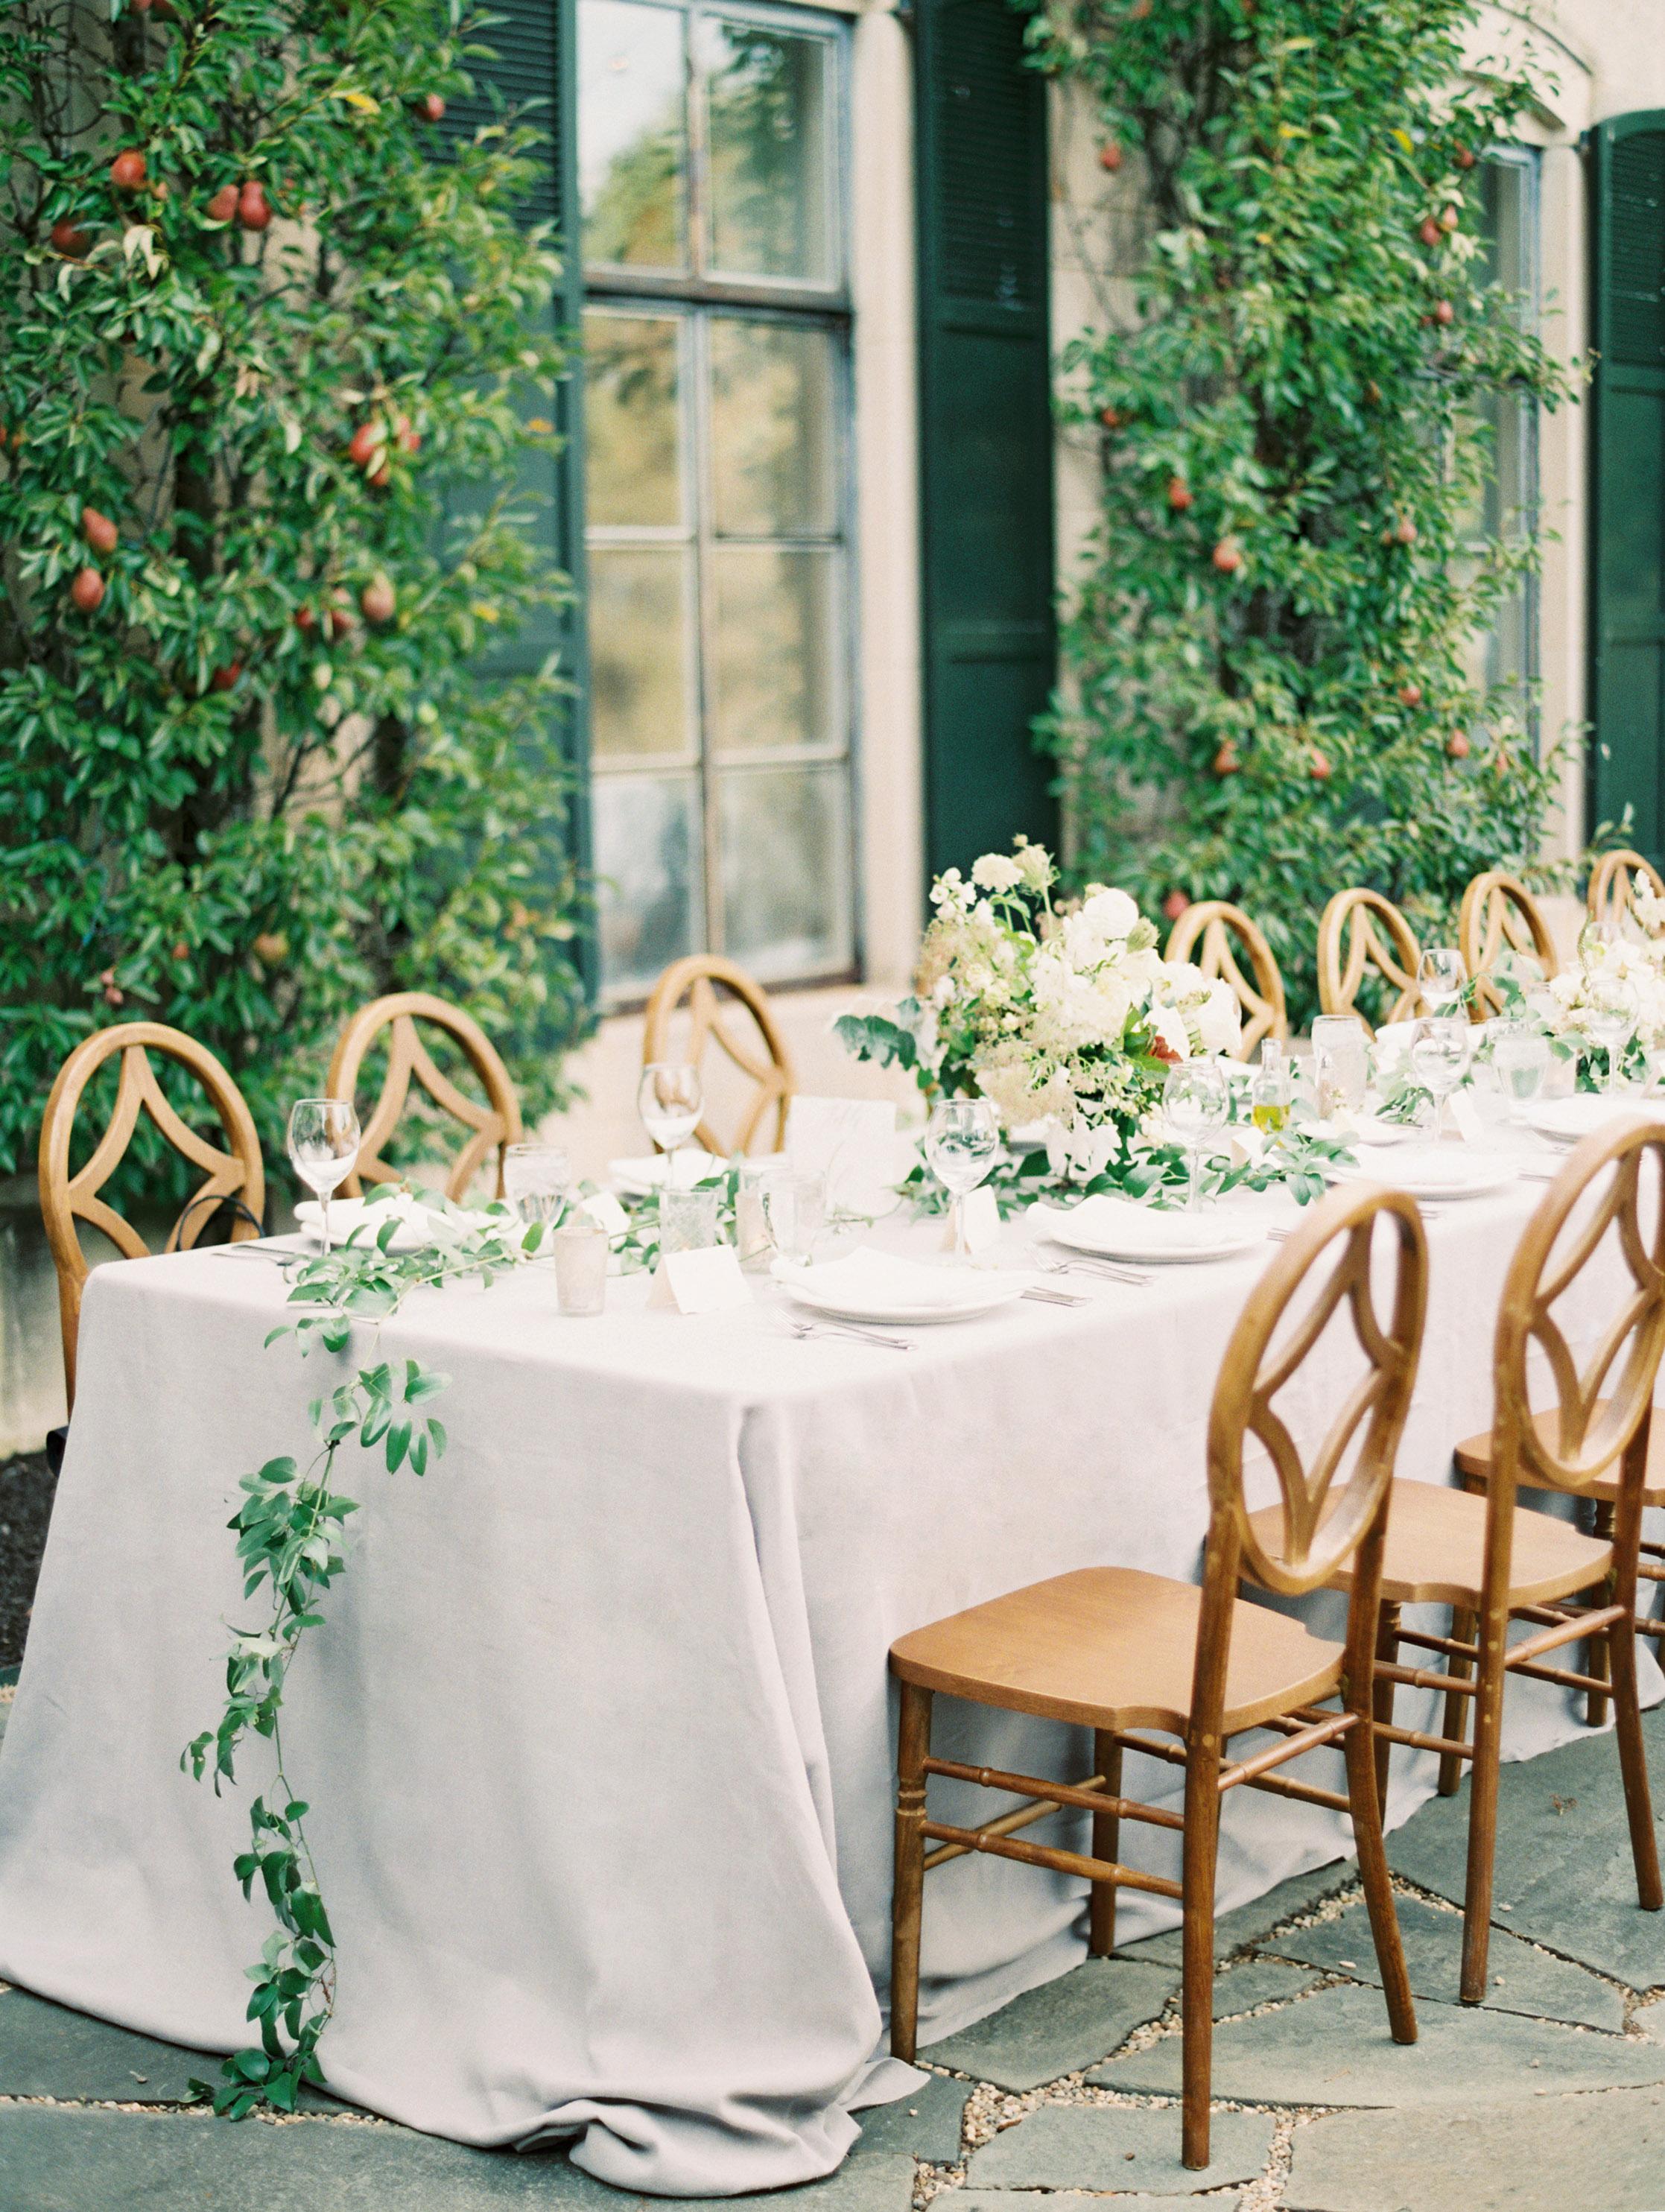 miya matthew wedding table settings